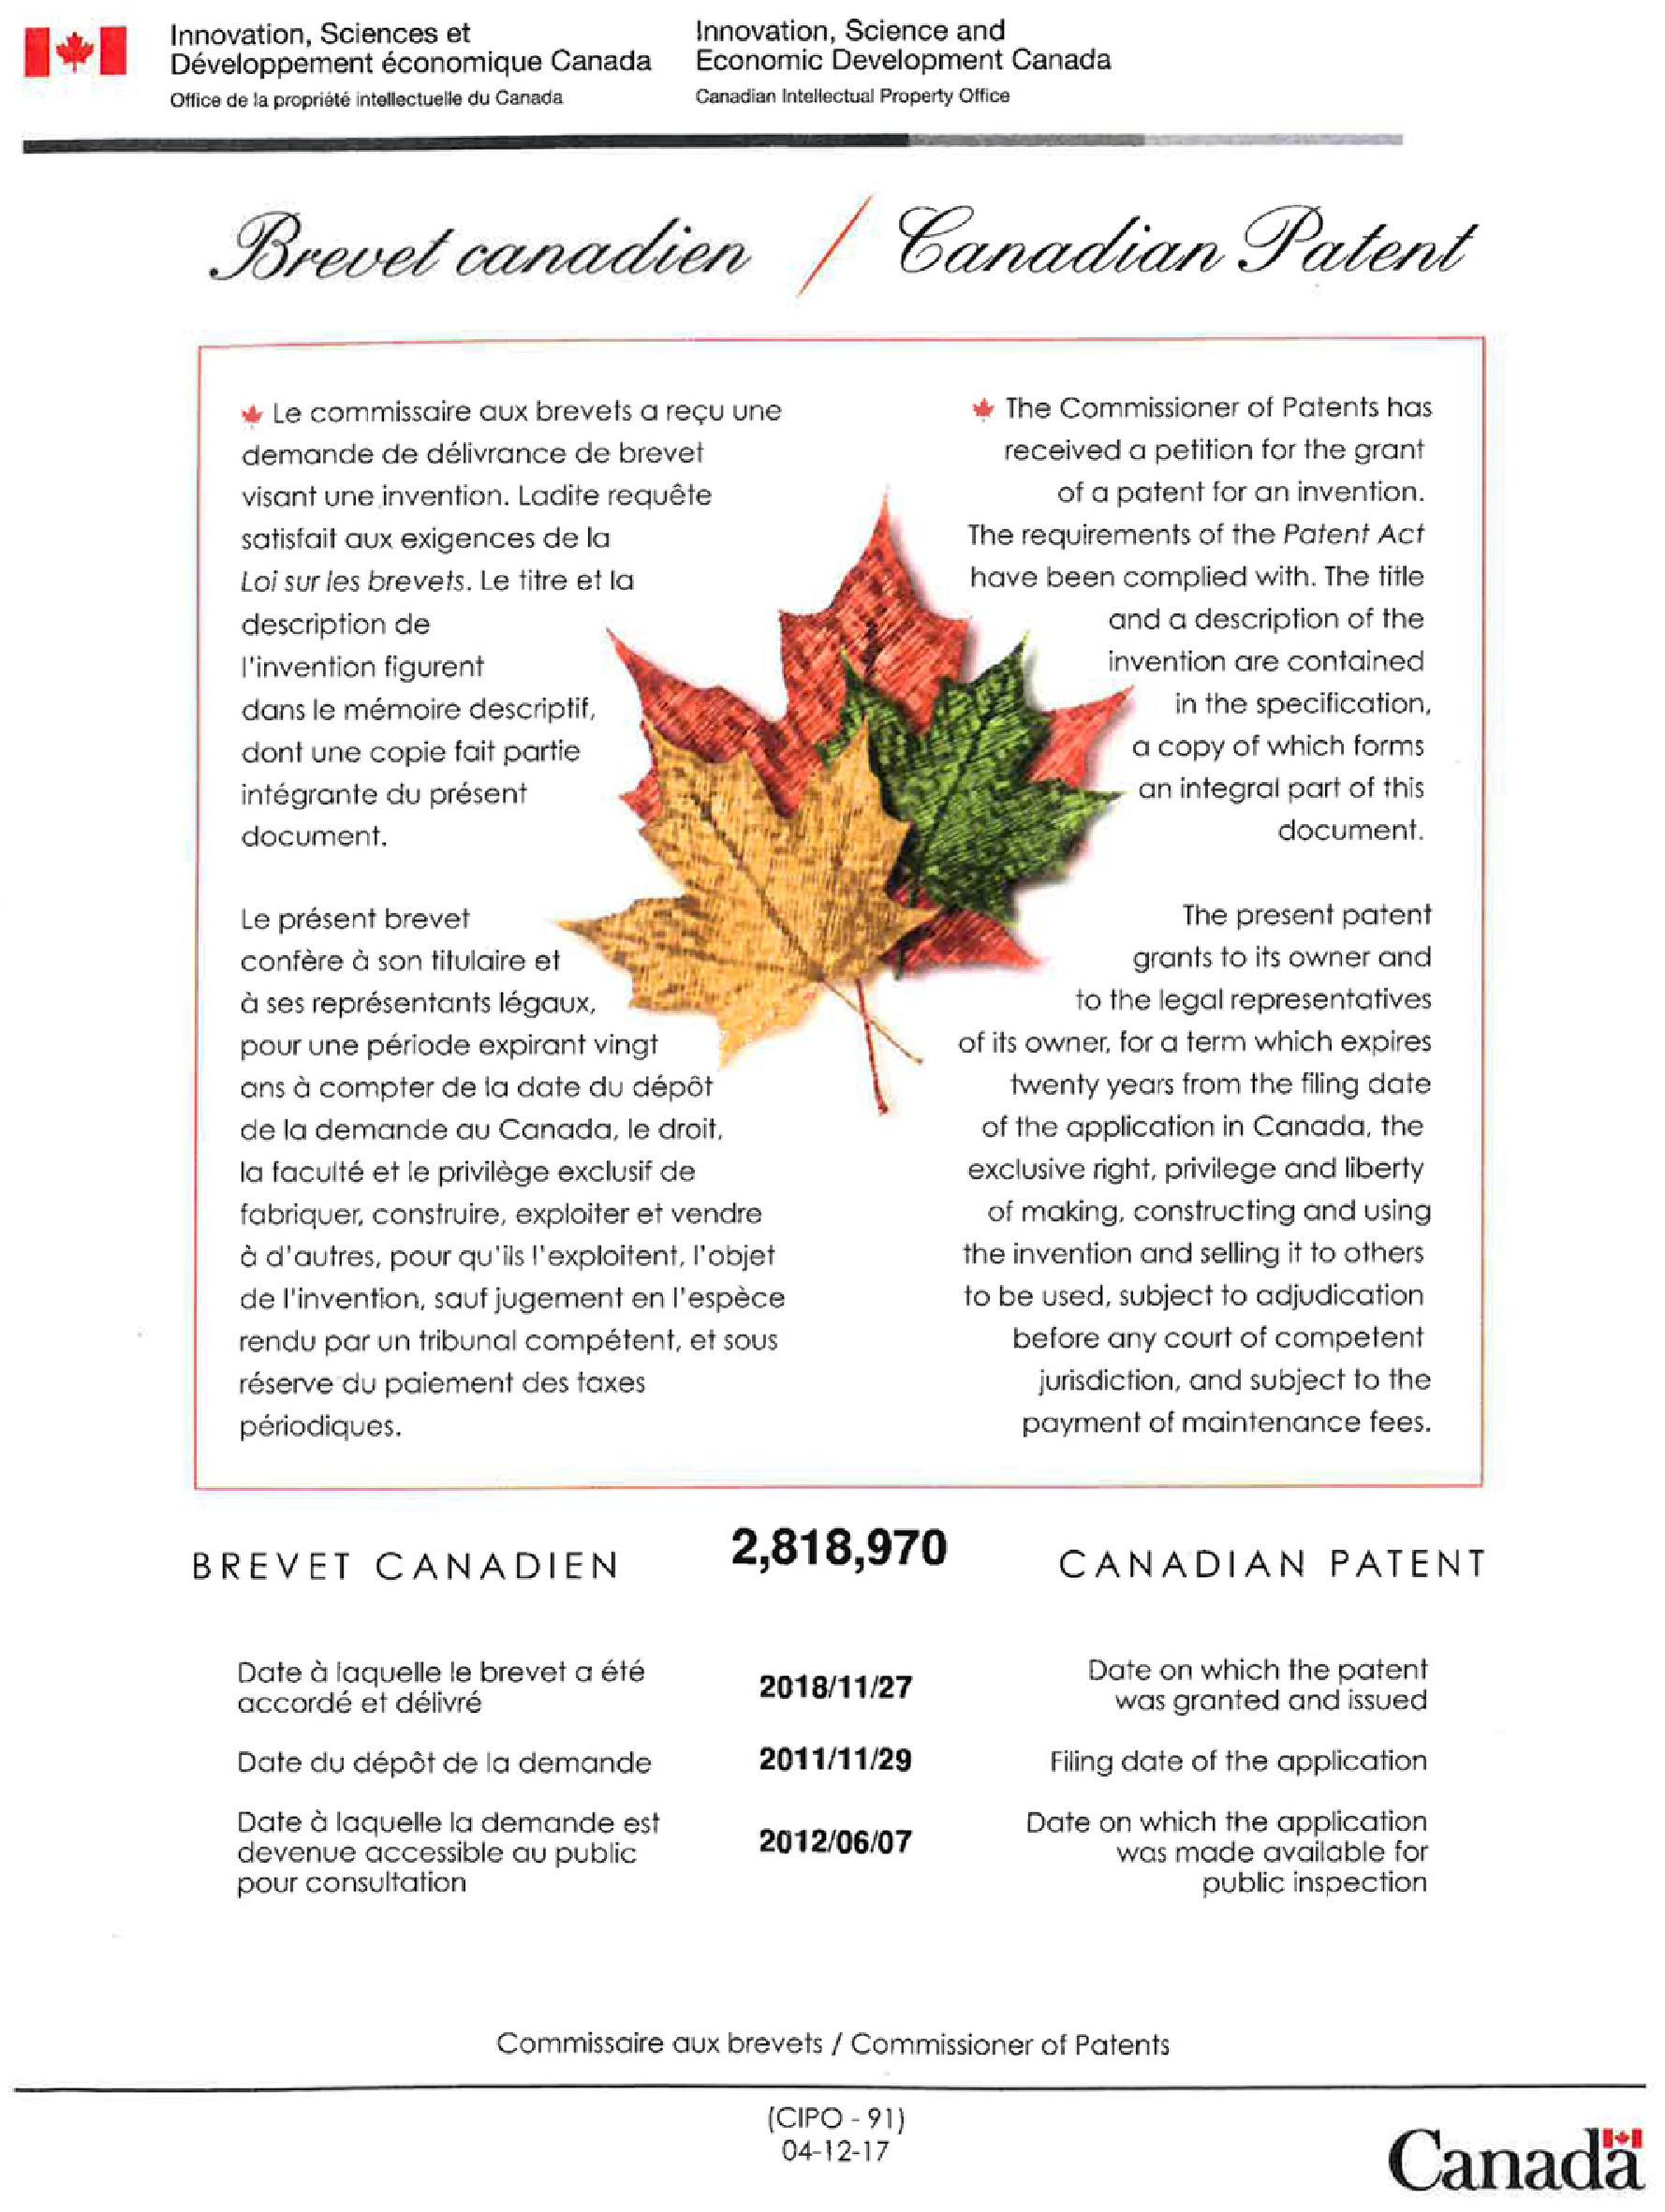 Brevet déposé au Canada